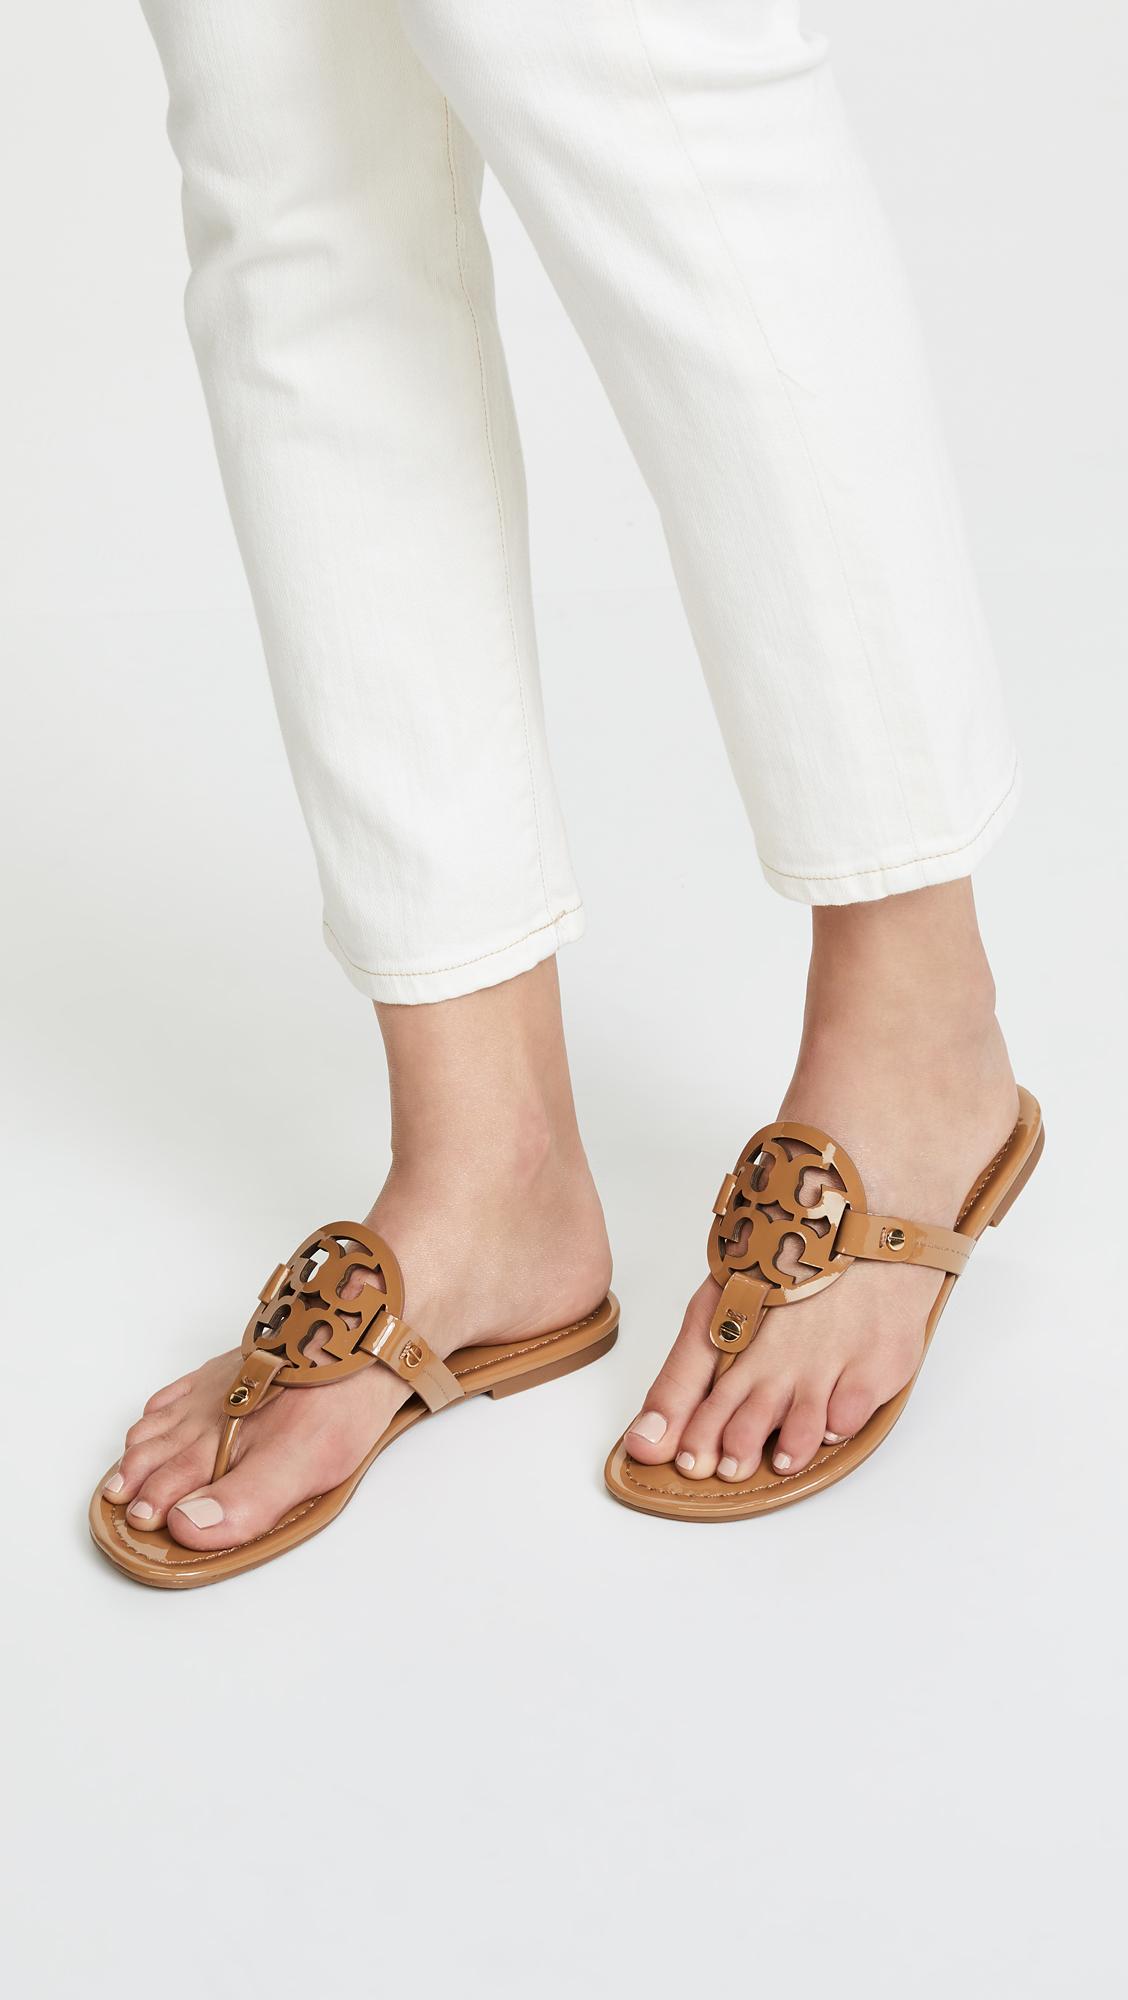 b0fc213d96c7 Tory Burch Miller Thong Sandals